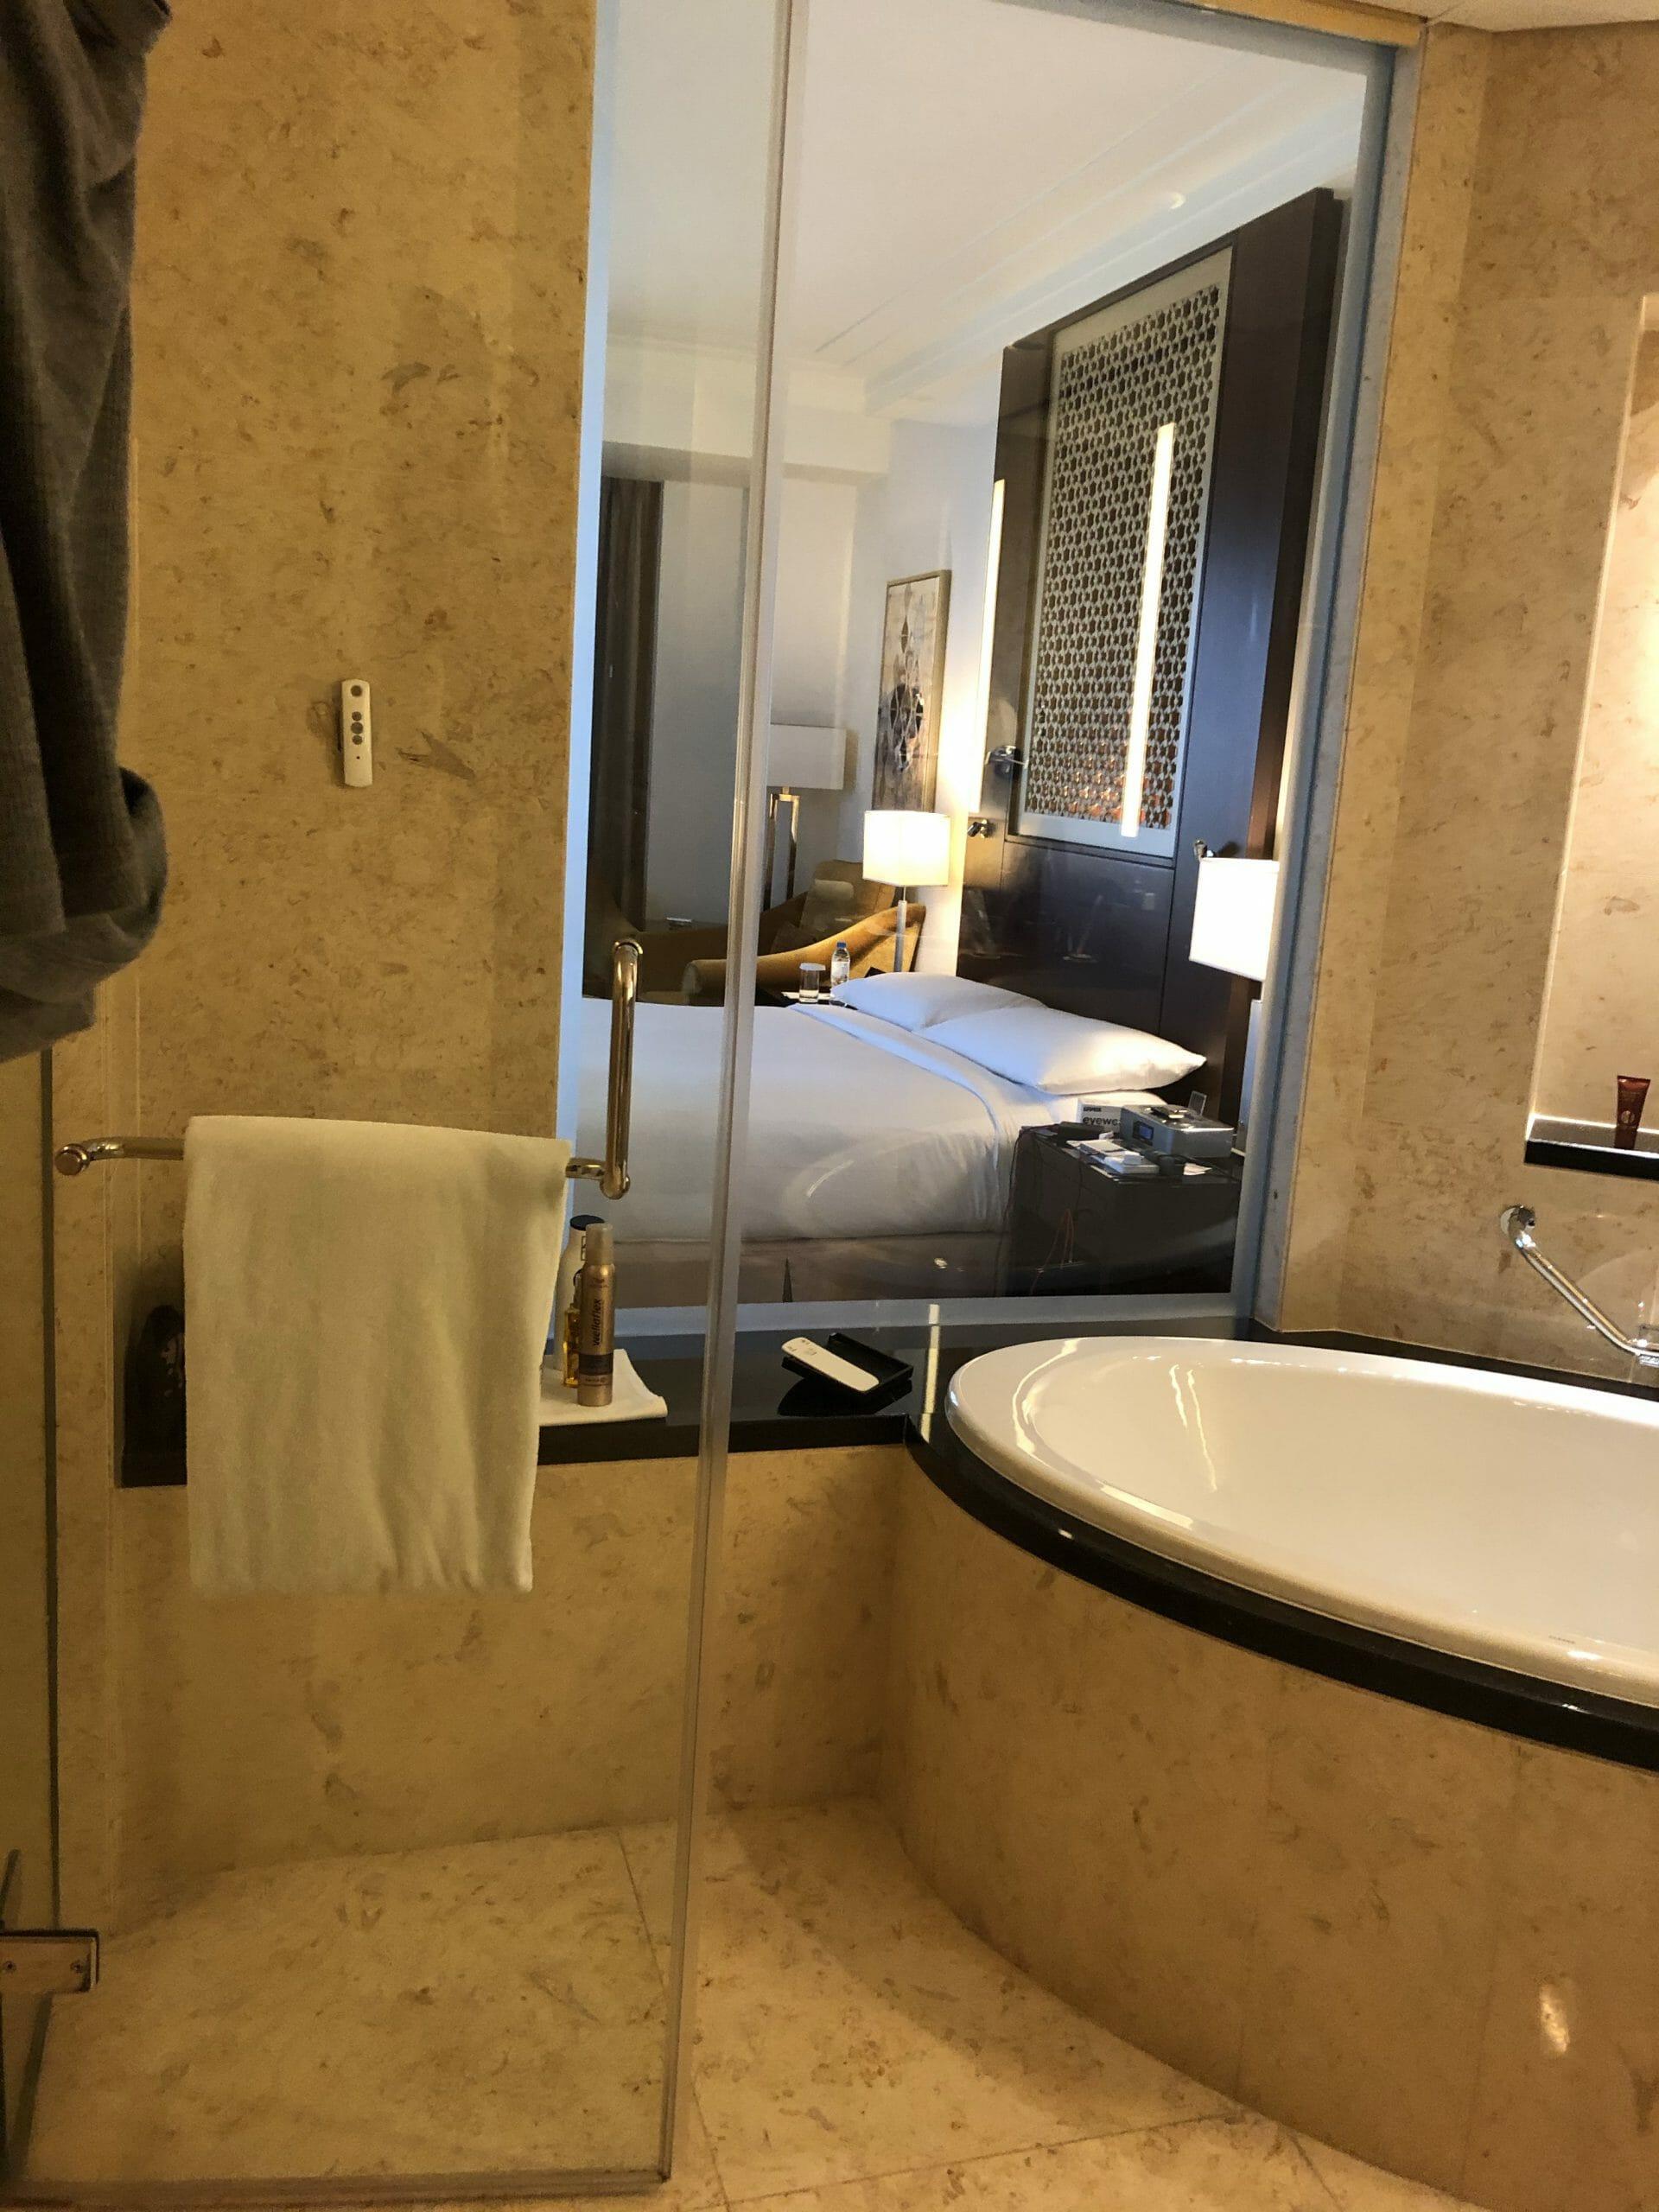 Bild vom Hotelzimmer aus dem Bad heraus